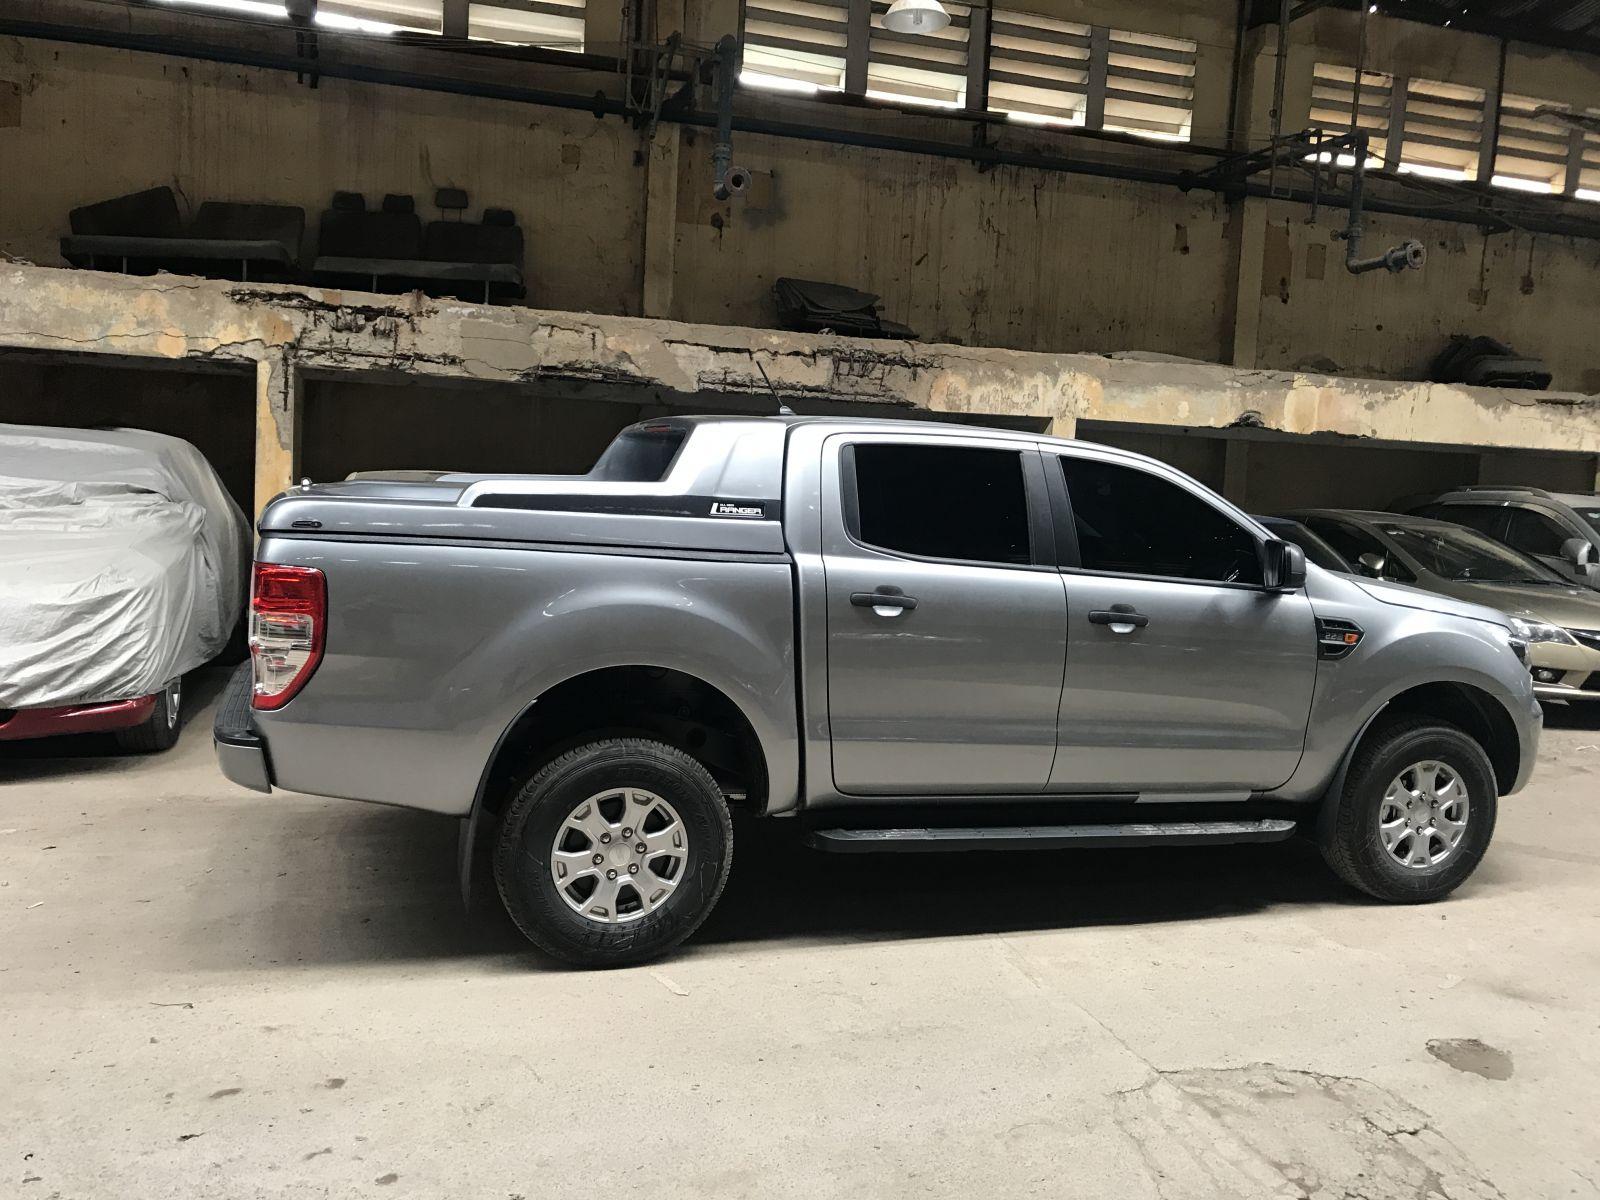 nap thung Ford Ranger thap